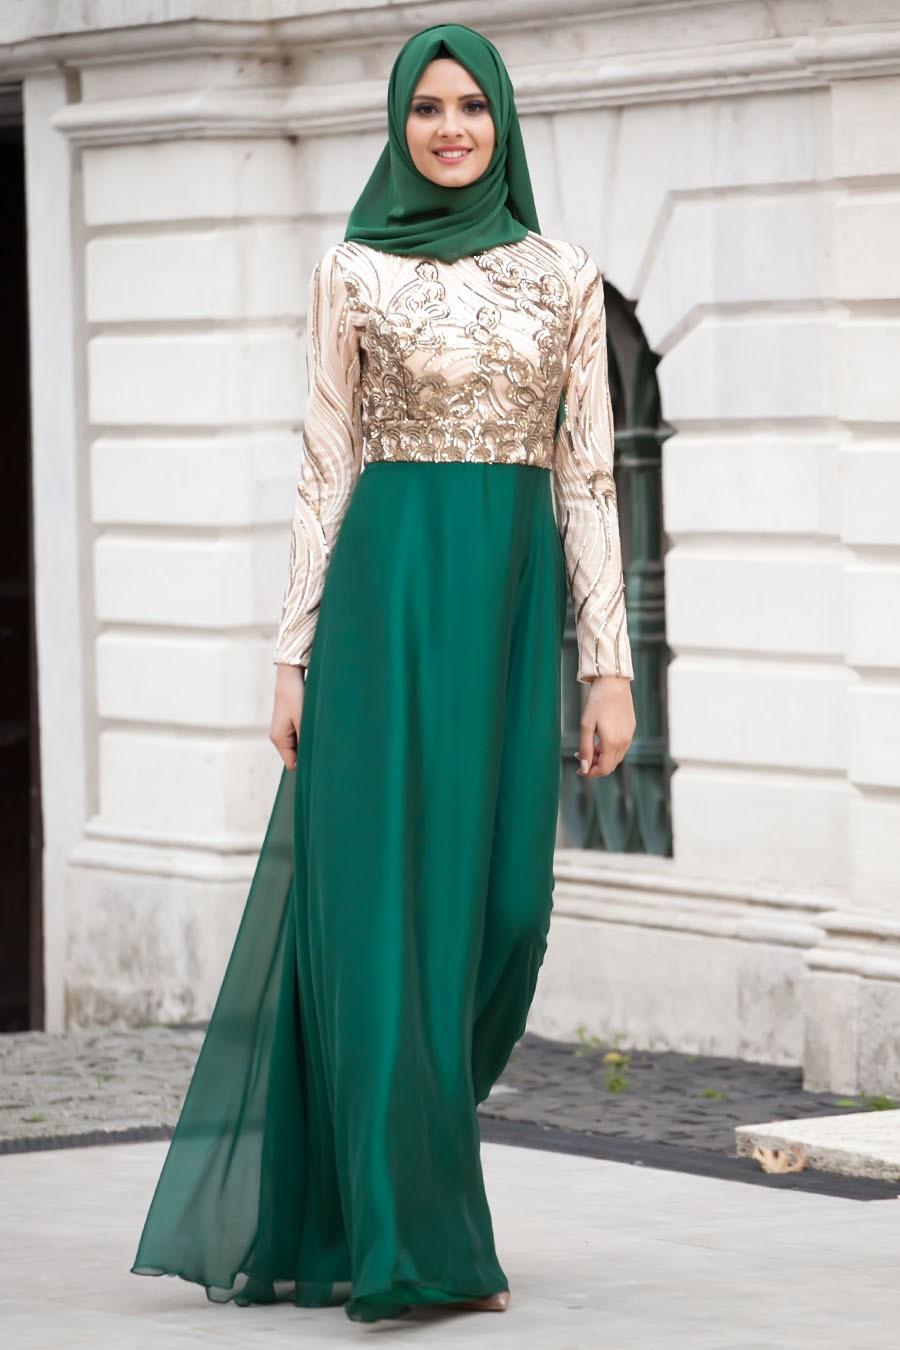 بالصور لباس المحجبات , اجمل ملابس المحجبات 3560 3